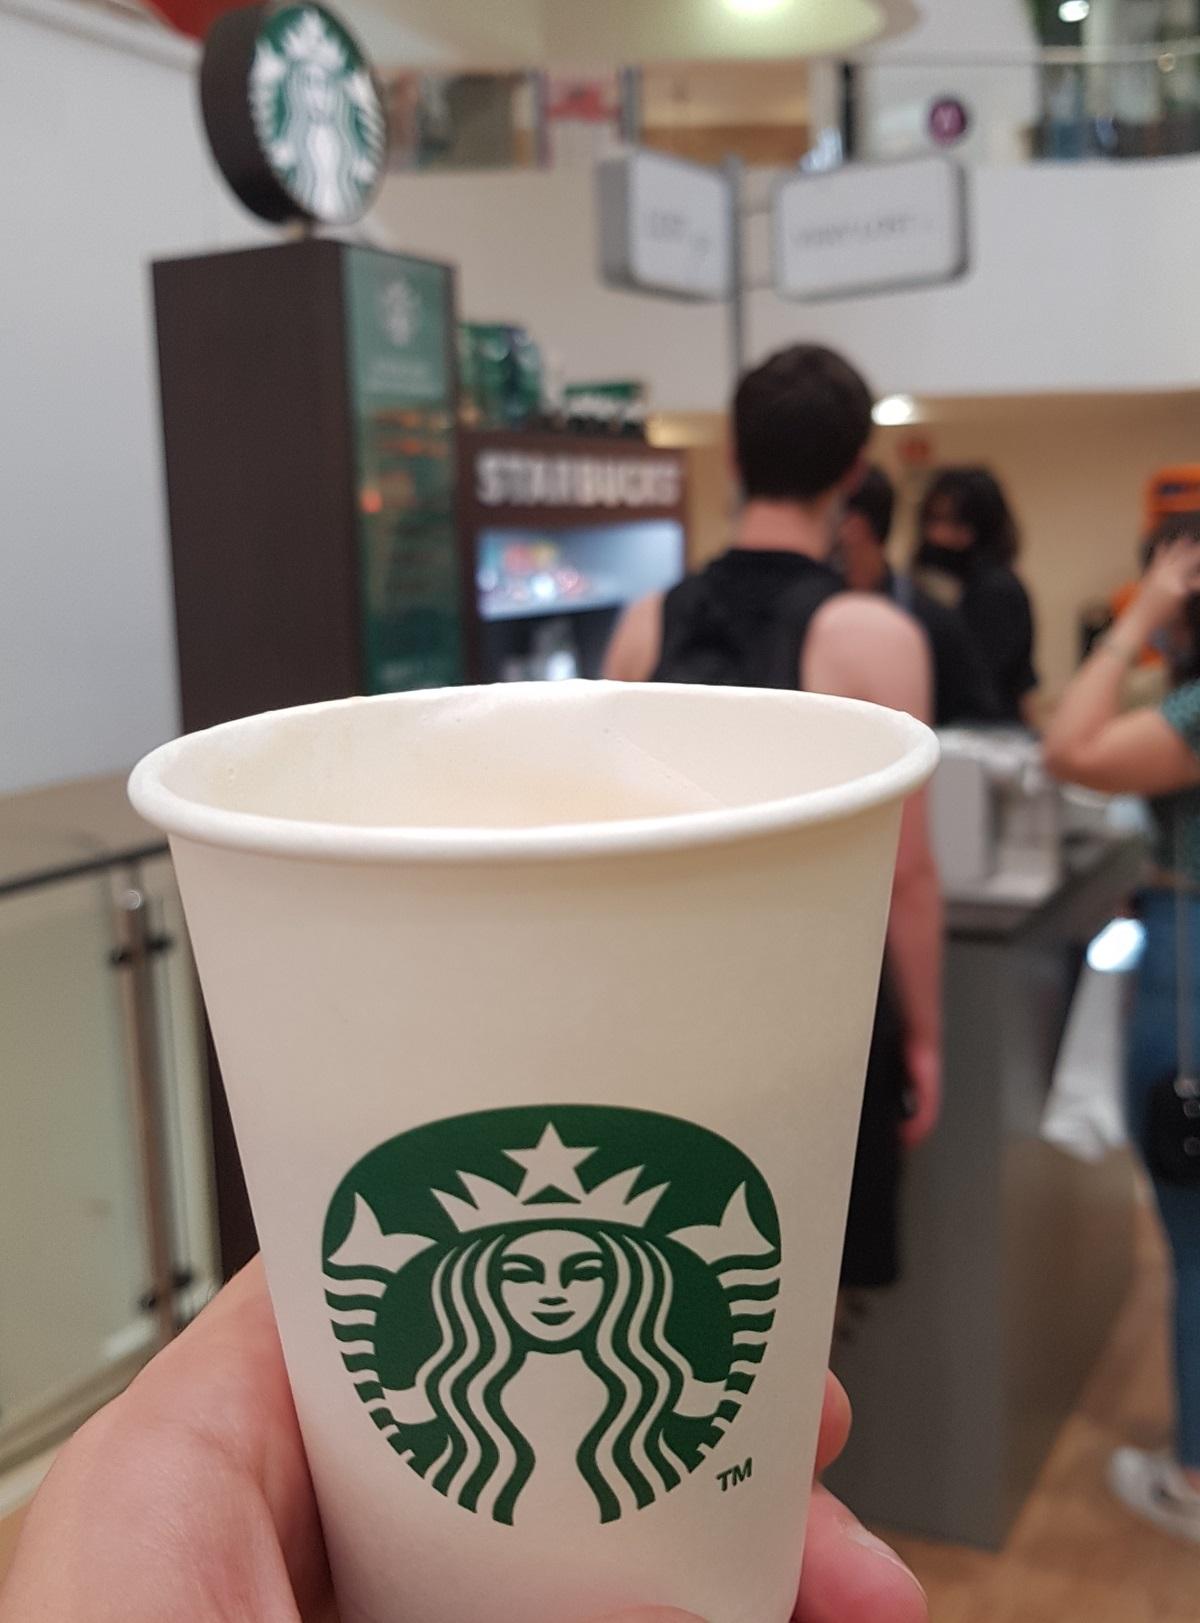 כוס קפה בדוכן פופ-אפ של סטארבקס בתל אביב. צילום: מגזין שותים